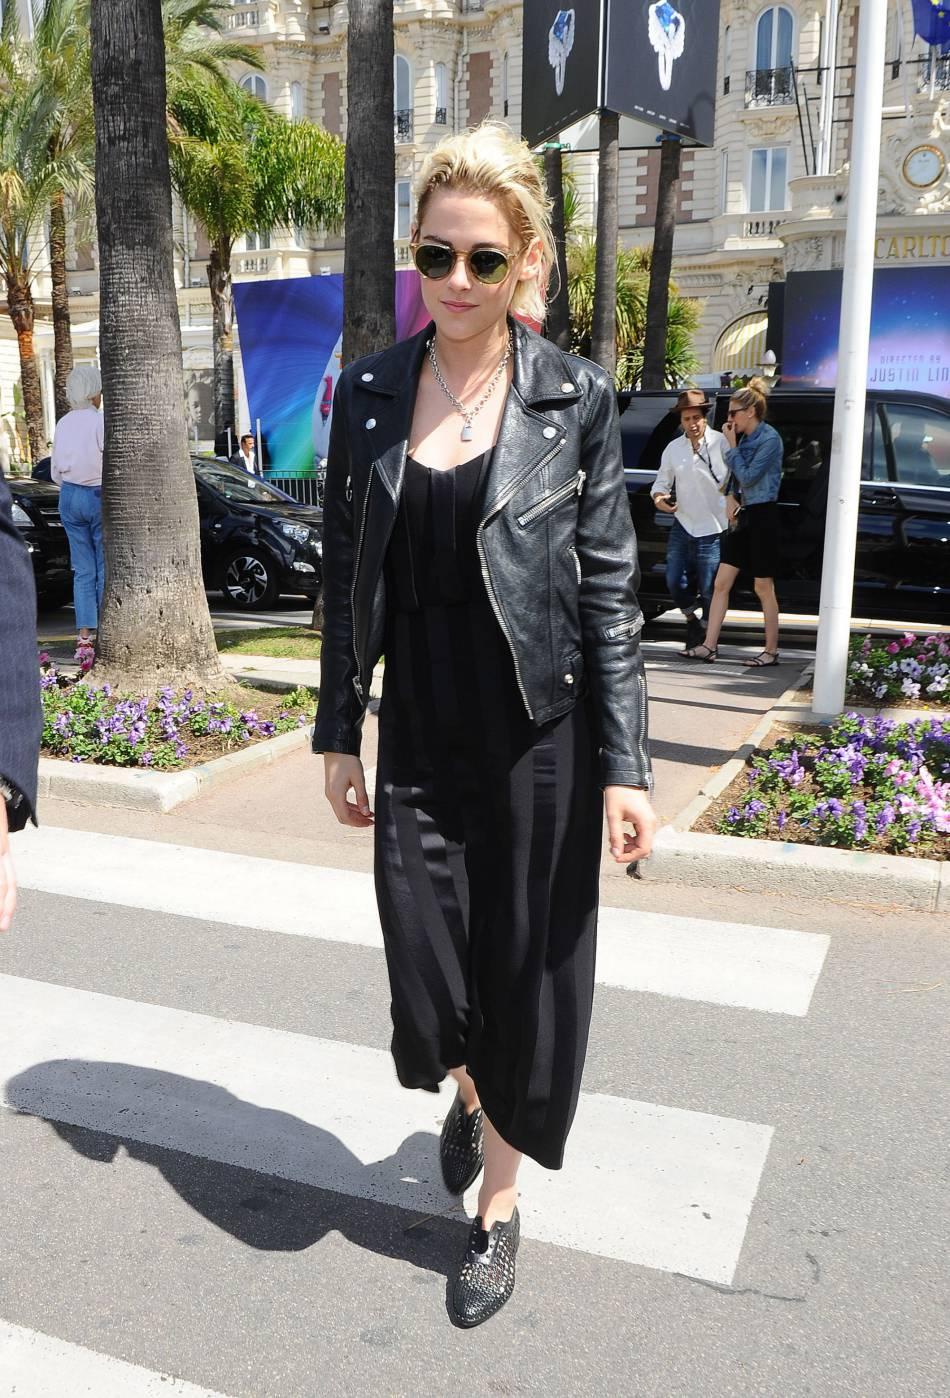 Kristen Stewart joue la carte de la sobriété et mixe style rock et chic.